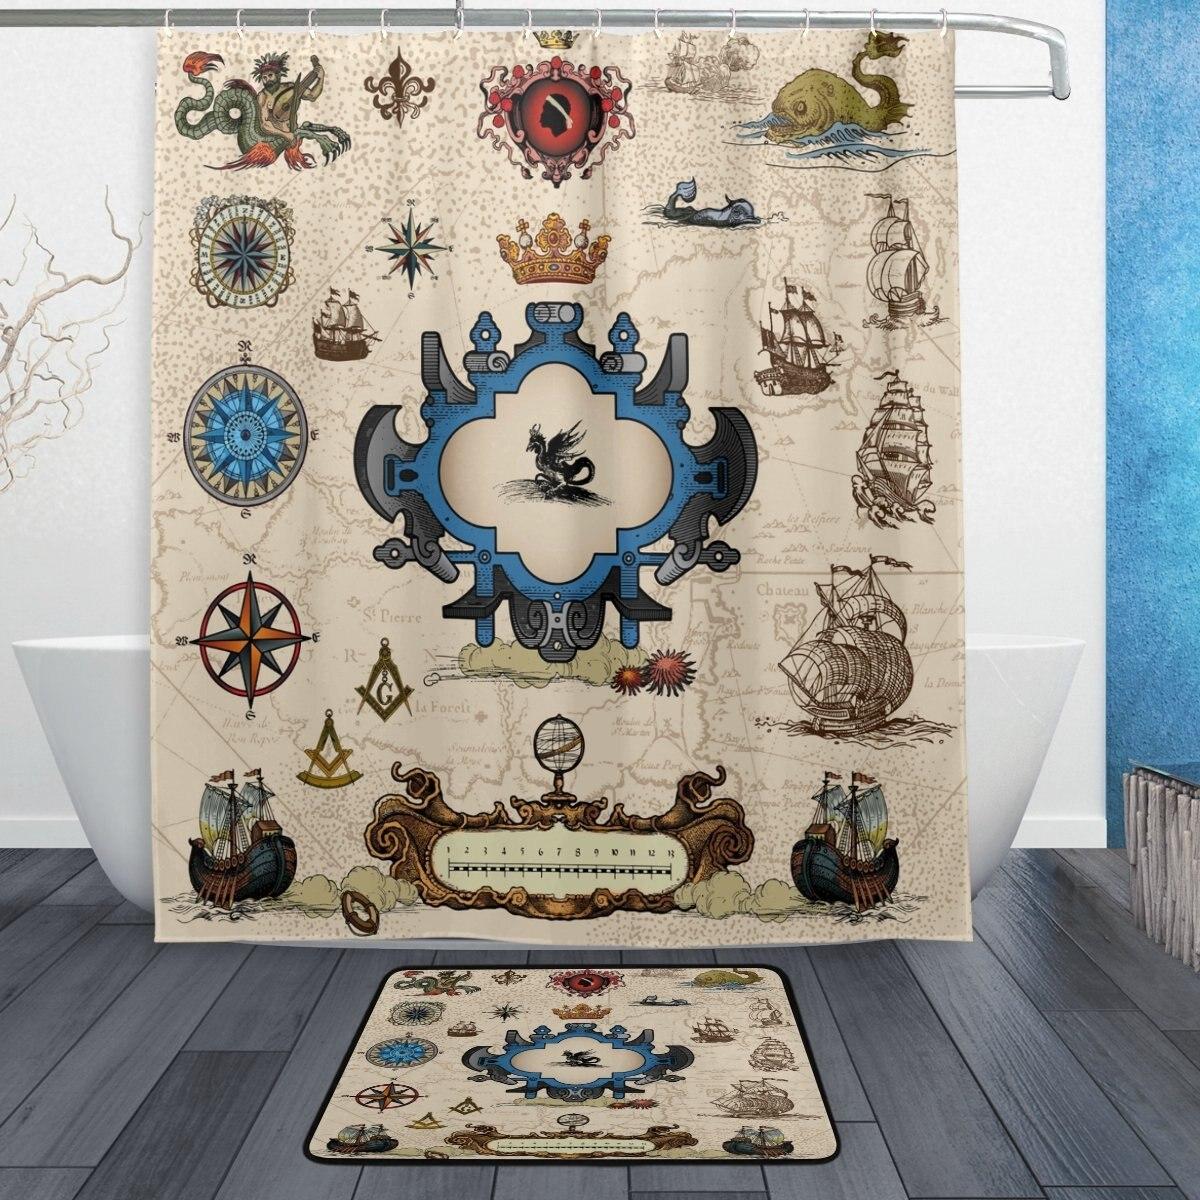 Mapa vintage brújula velero impermeable tela de poliéster Cortina de ducha con ganchos felpudo baño suelo alfombra baño hogar Beige